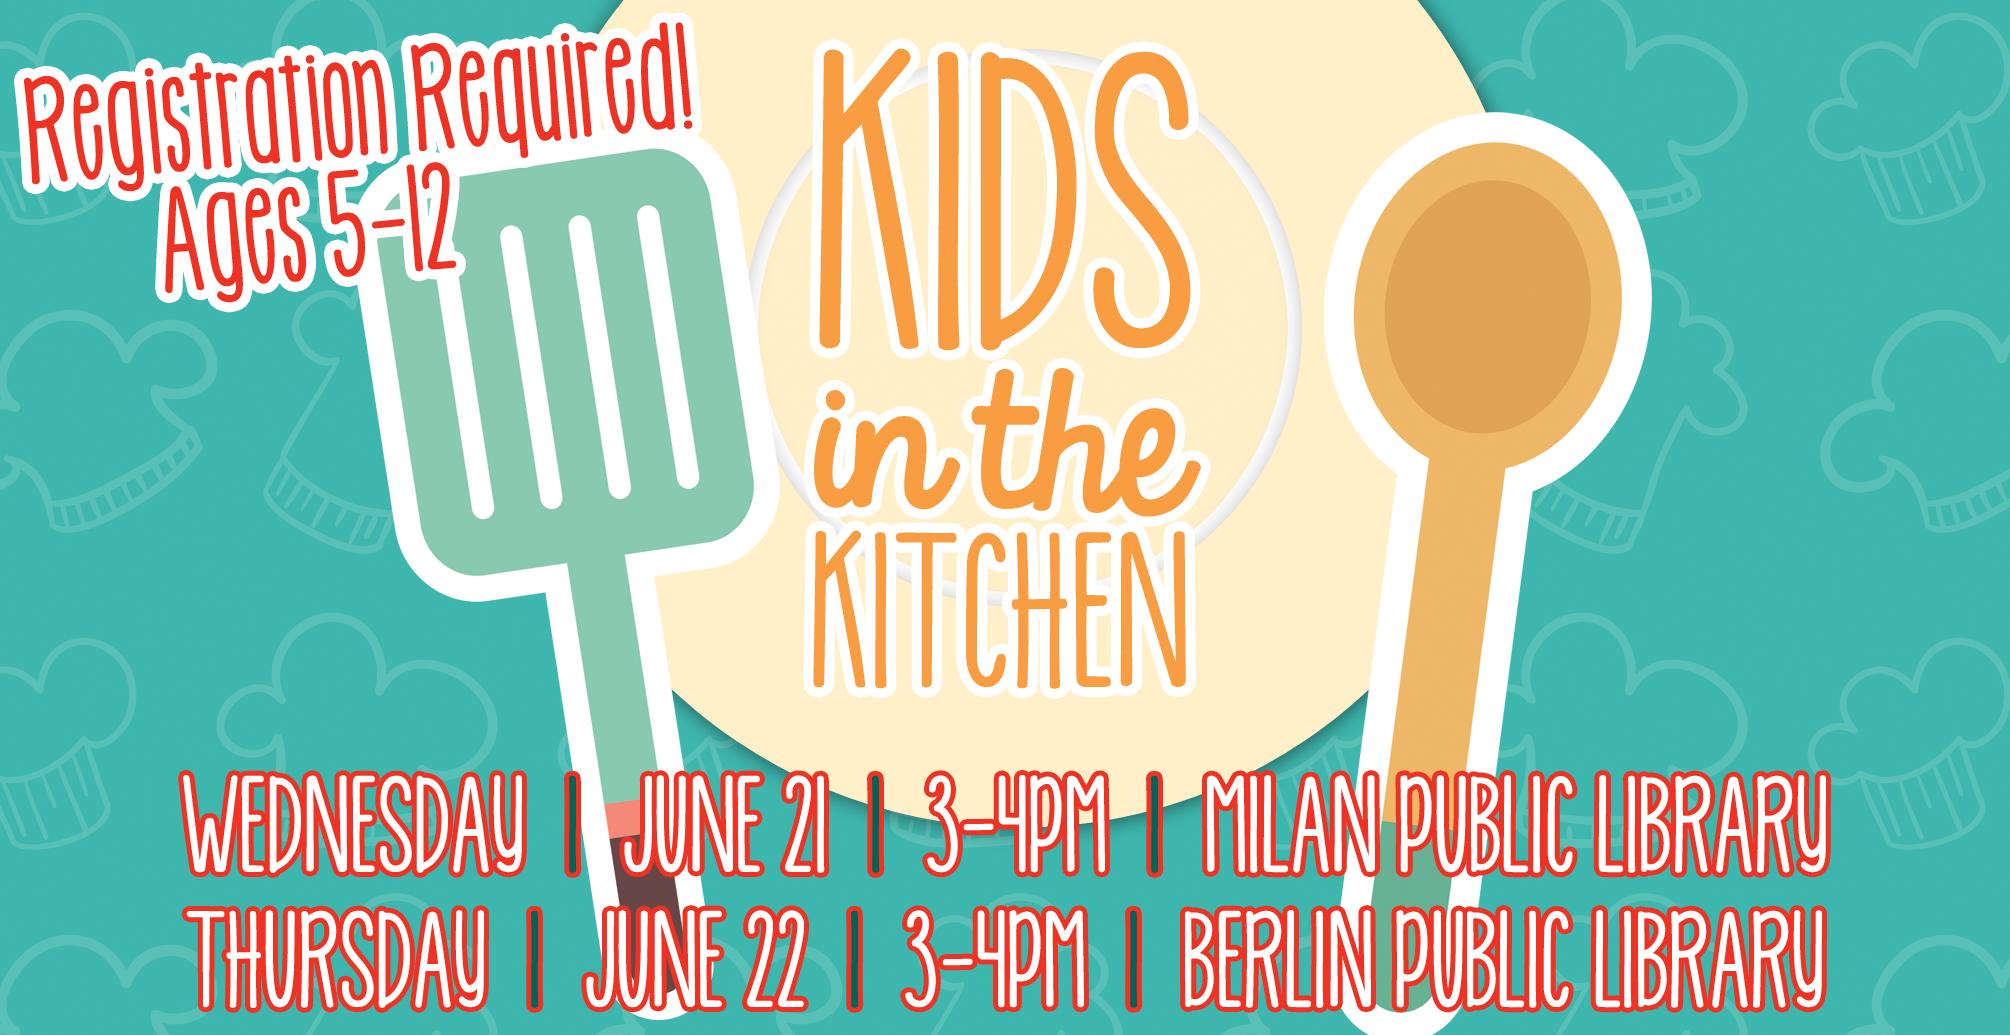 2017-06-CHILDRENS-Milan-Kids-in-the-Kitchen-Slide